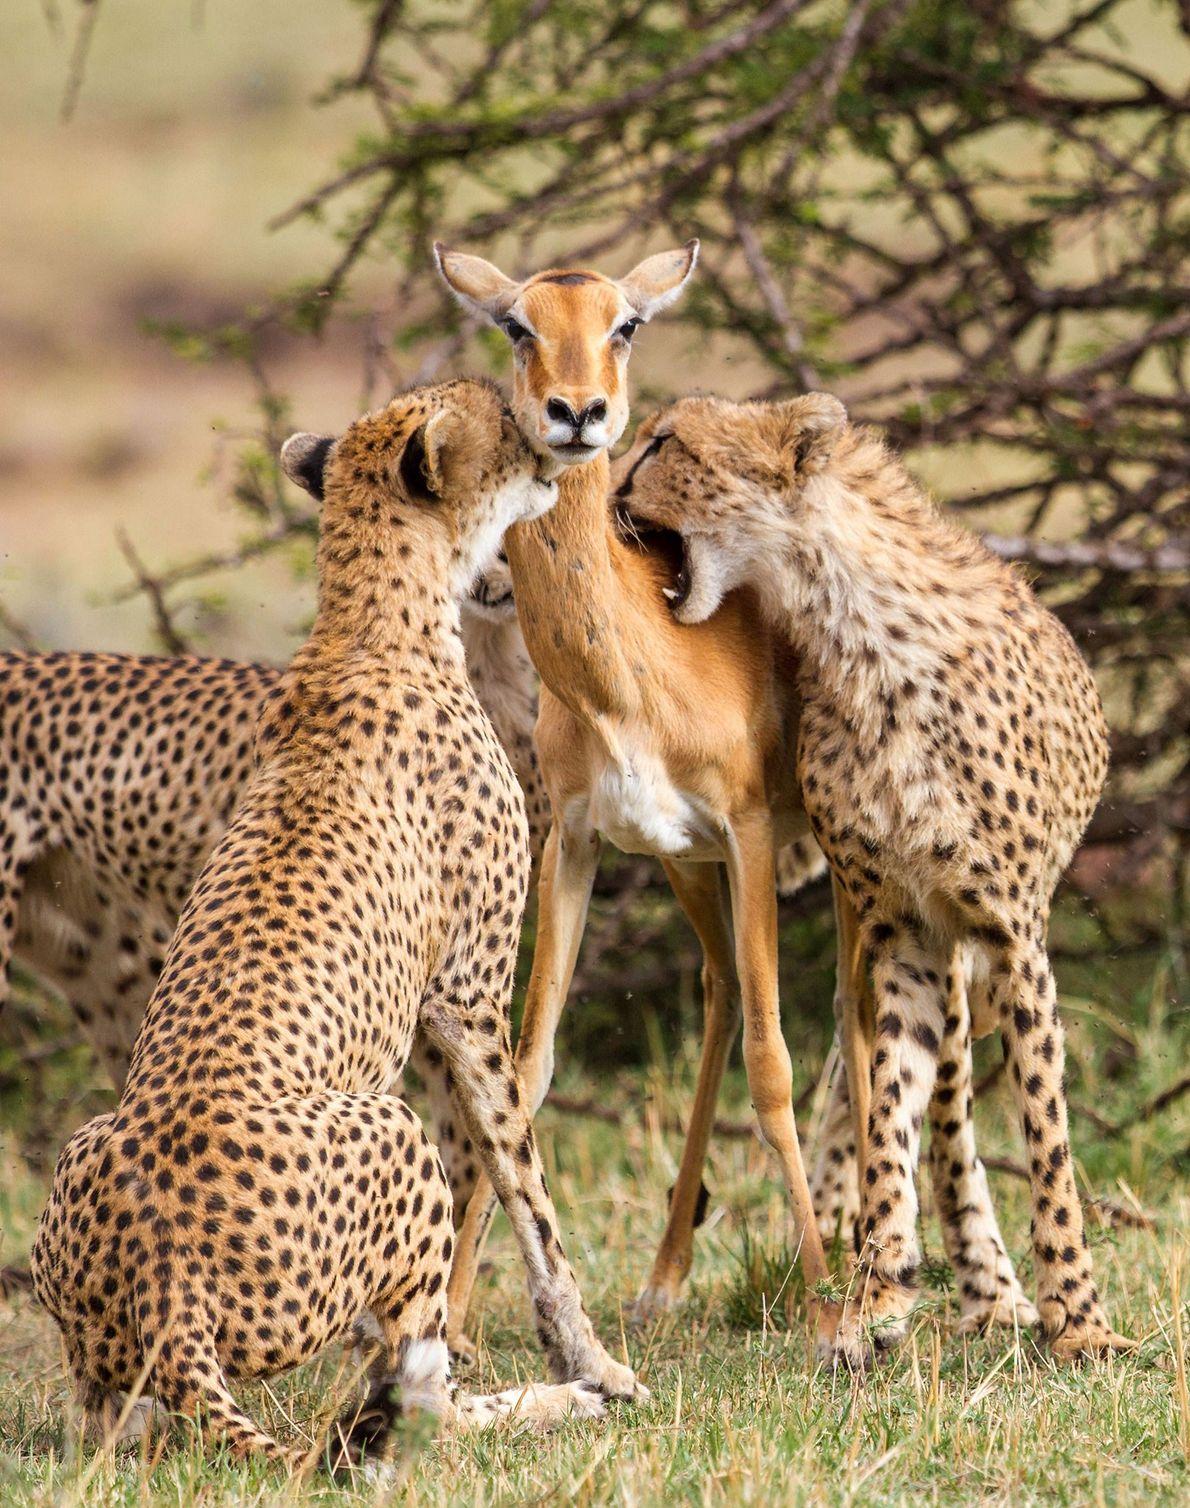 Dos cachorros muerden a un impala en la reserva nacional de Masái Mara, Kenia.